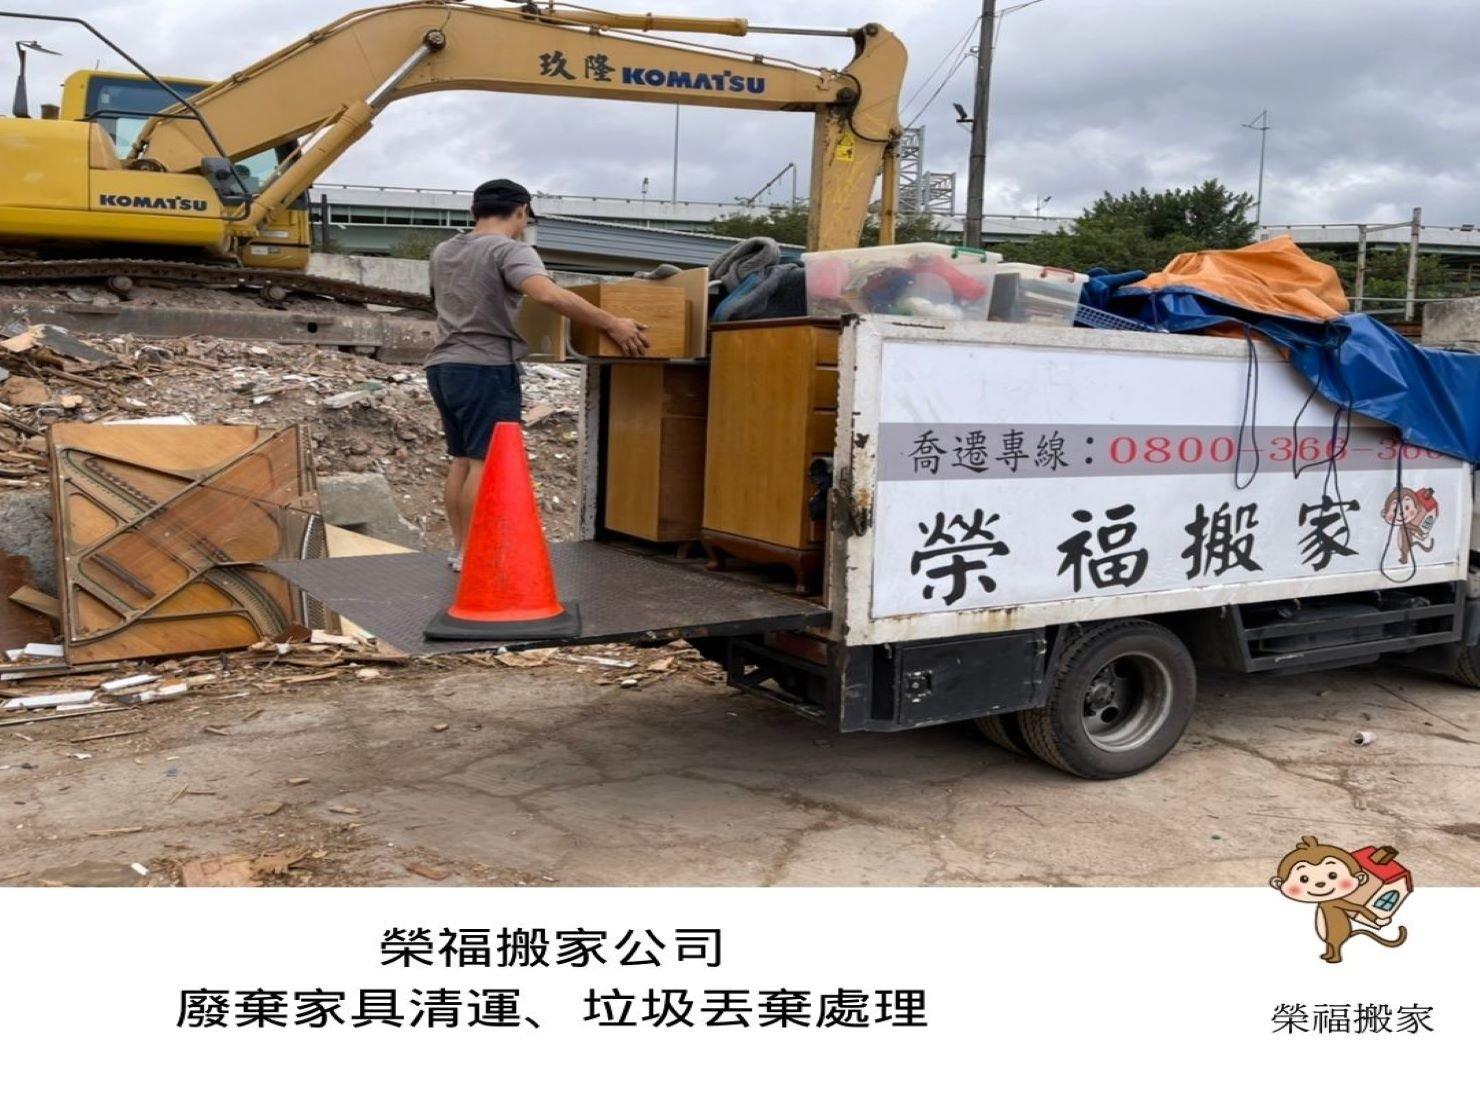 【廢棄物處理清運、家庭家具垃圾處理】年前大掃除,廢棄家具清運、除舊換新